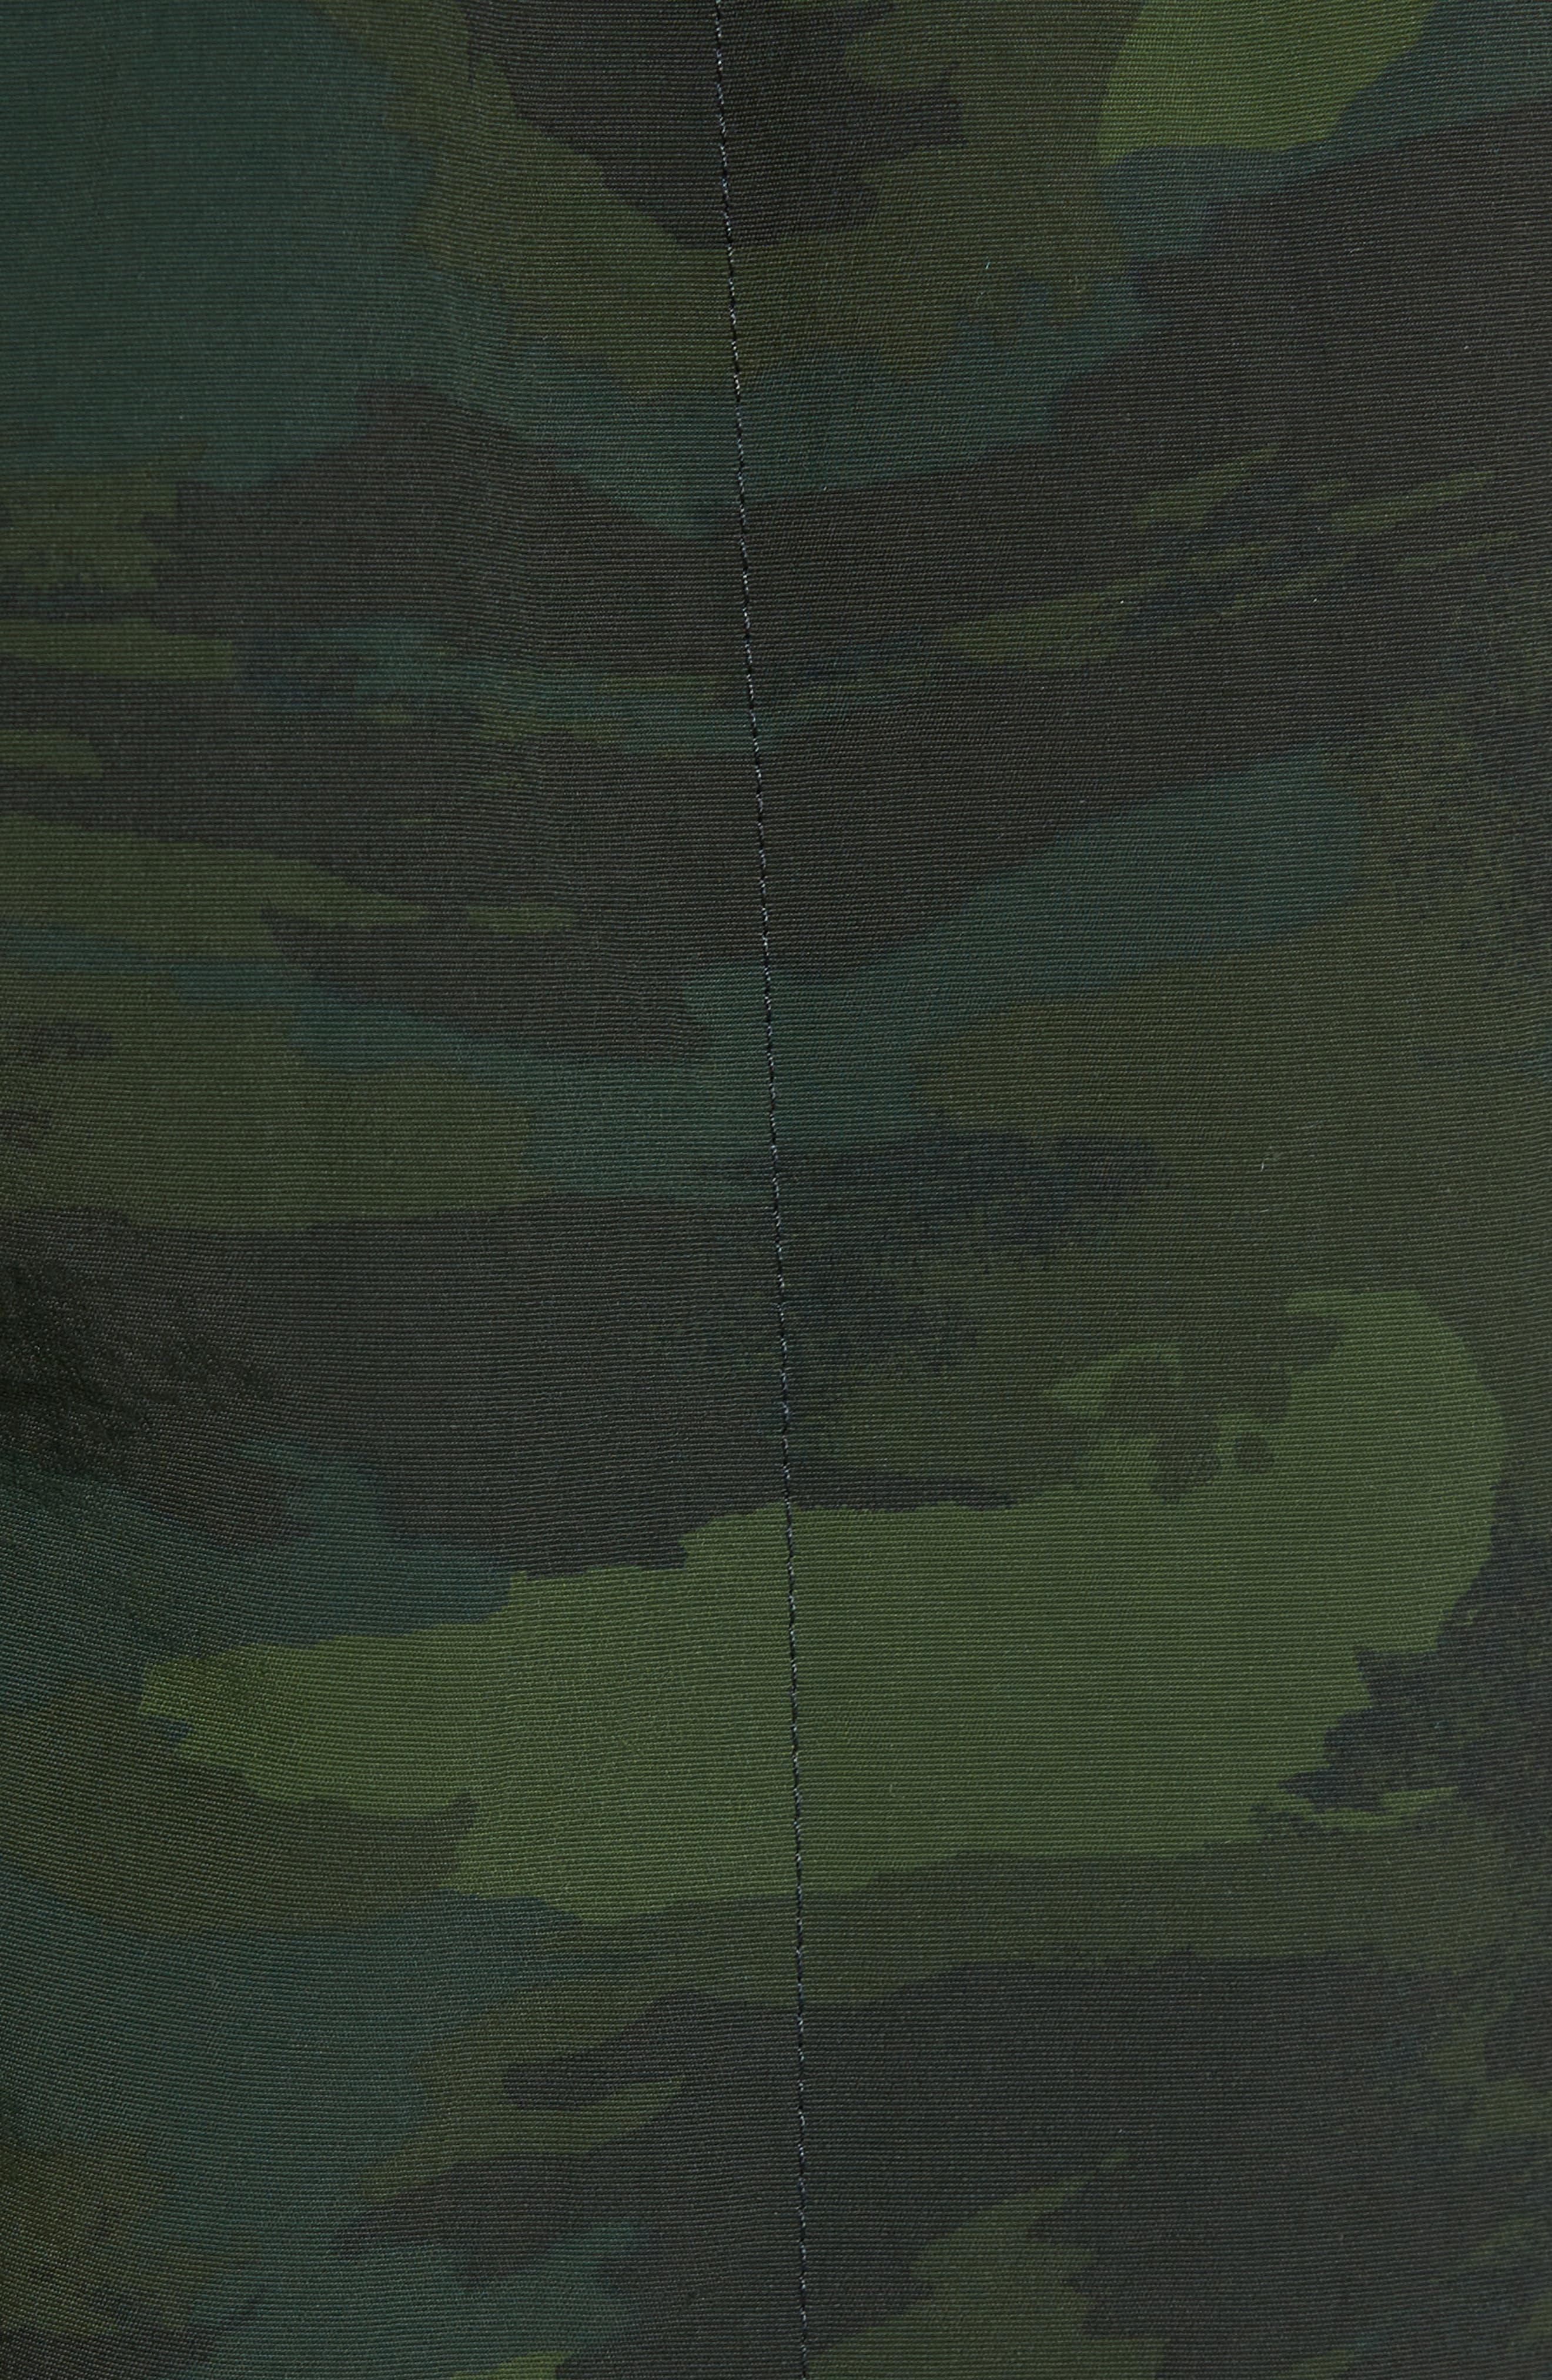 Baggies Longs Swim Trunks,                             Alternate thumbnail 5, color,                             311